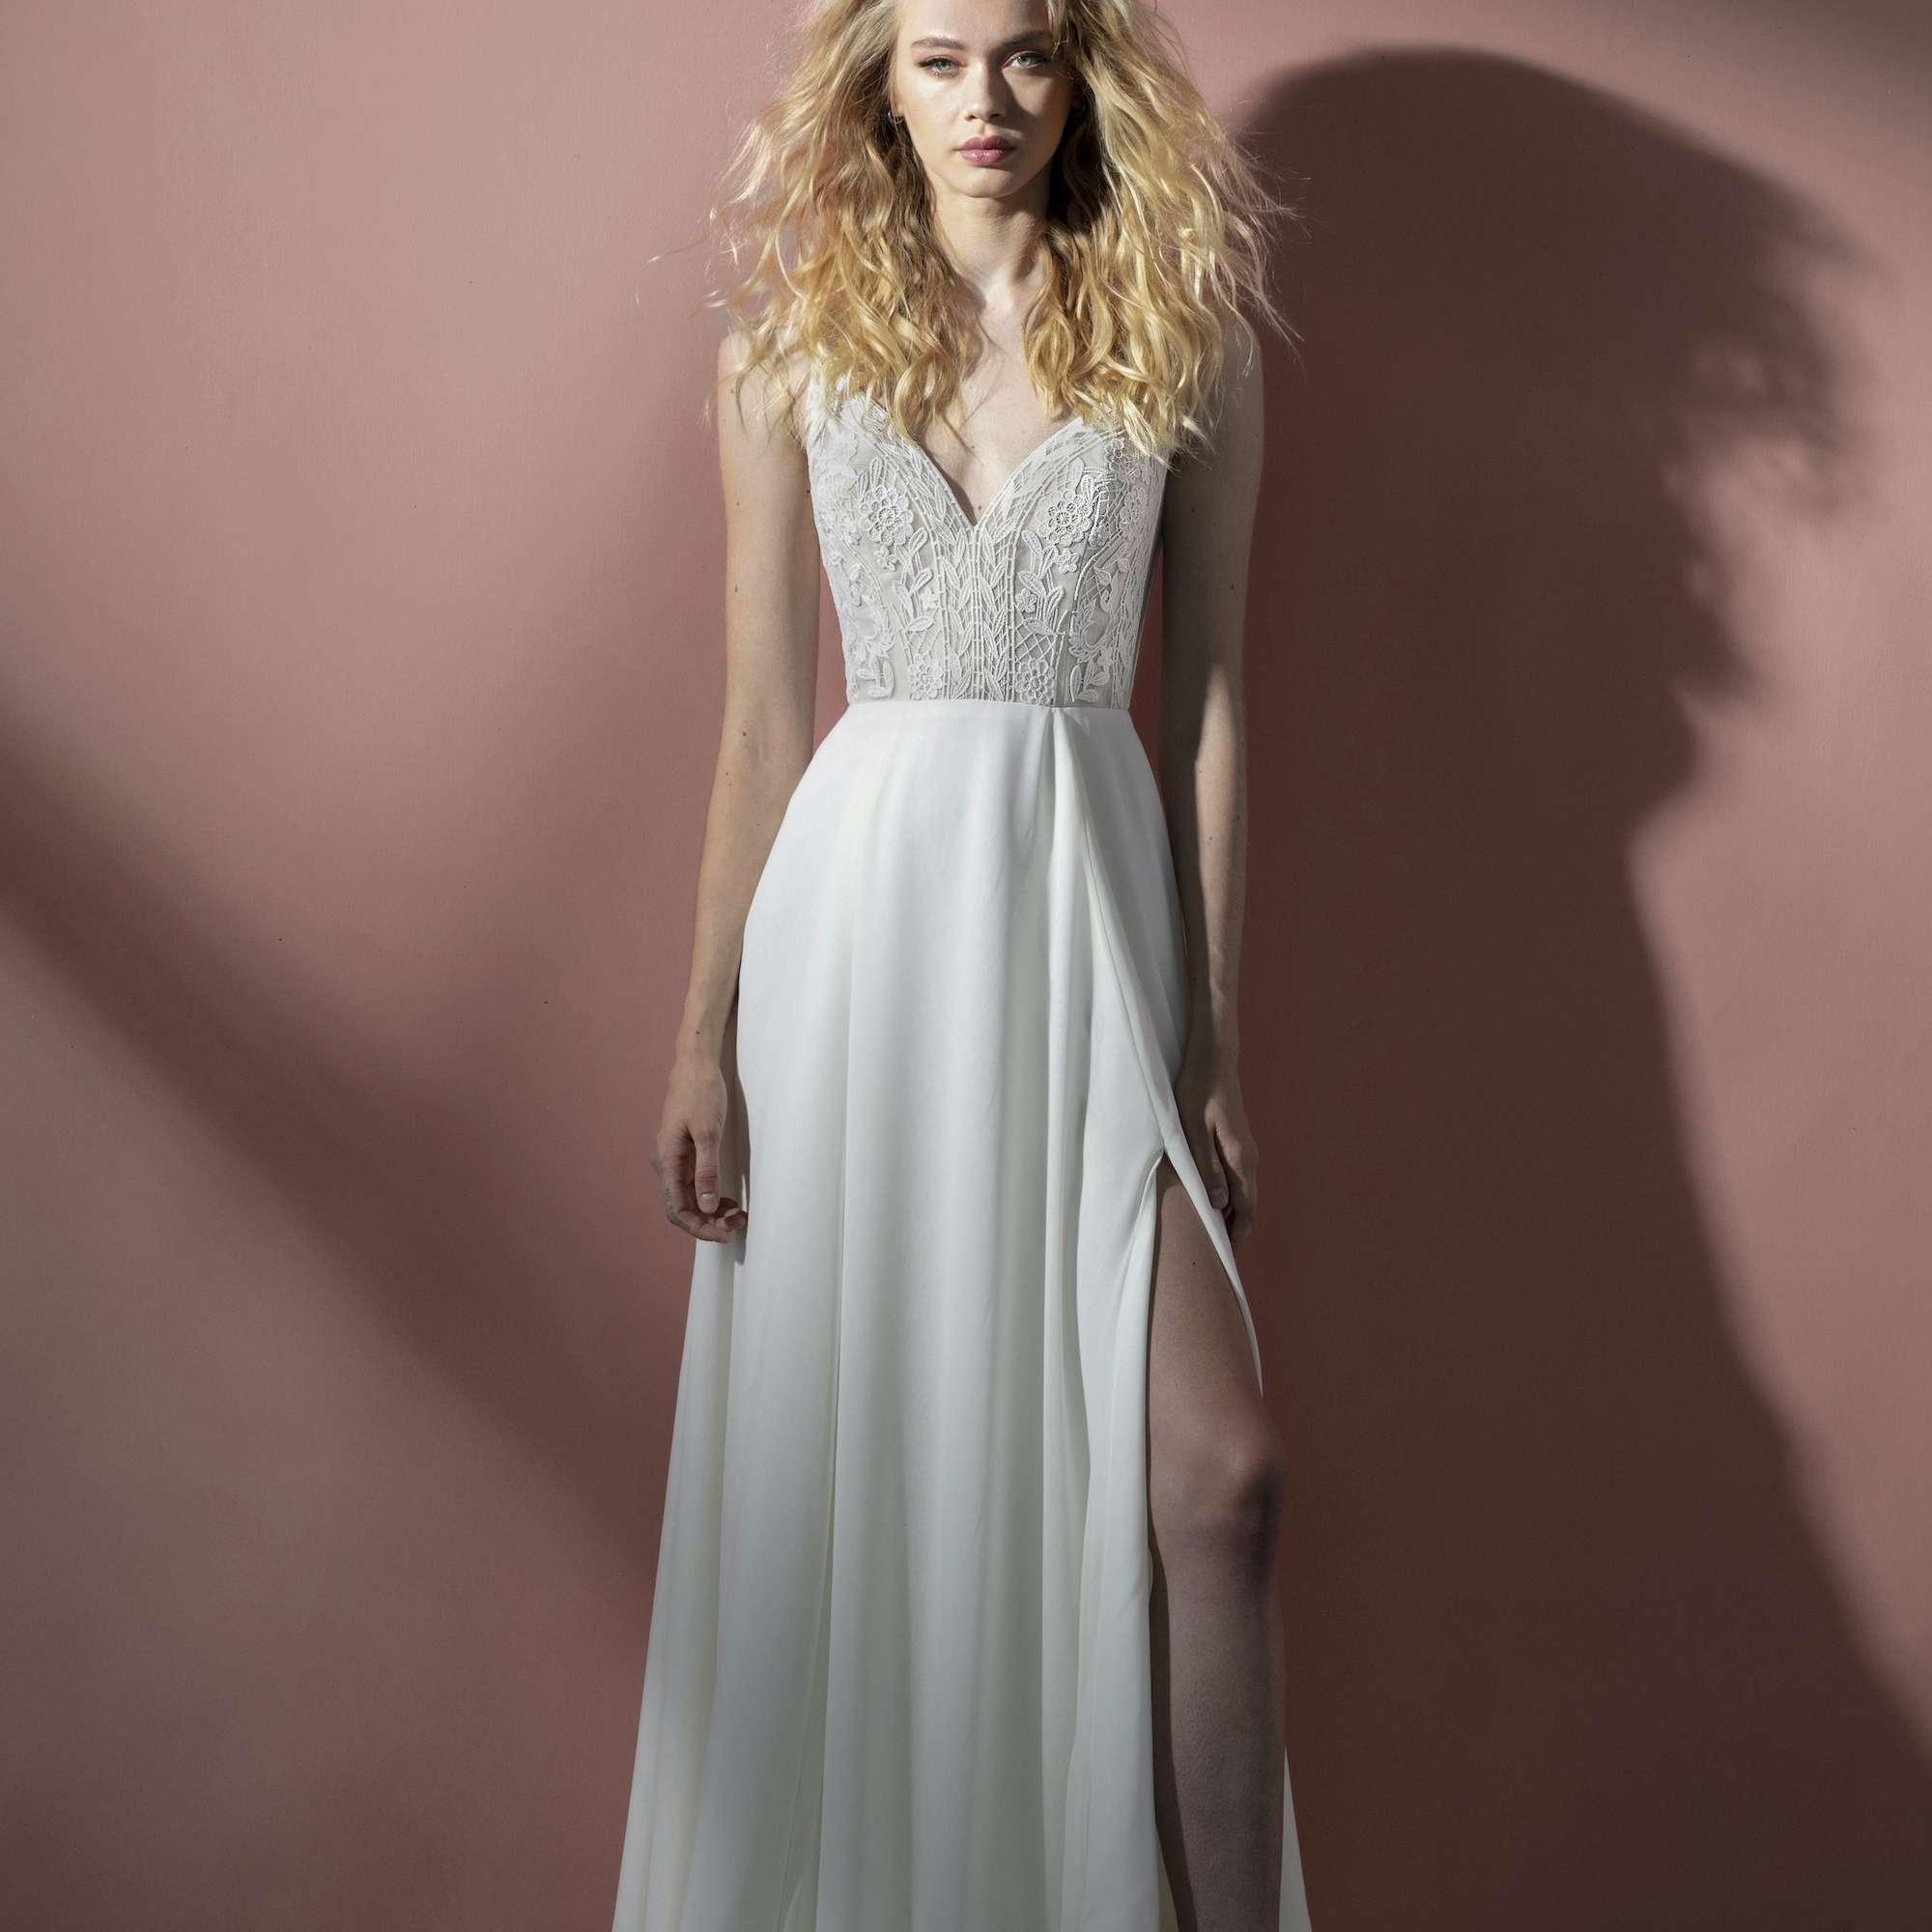 Camden V-cut wedding dress